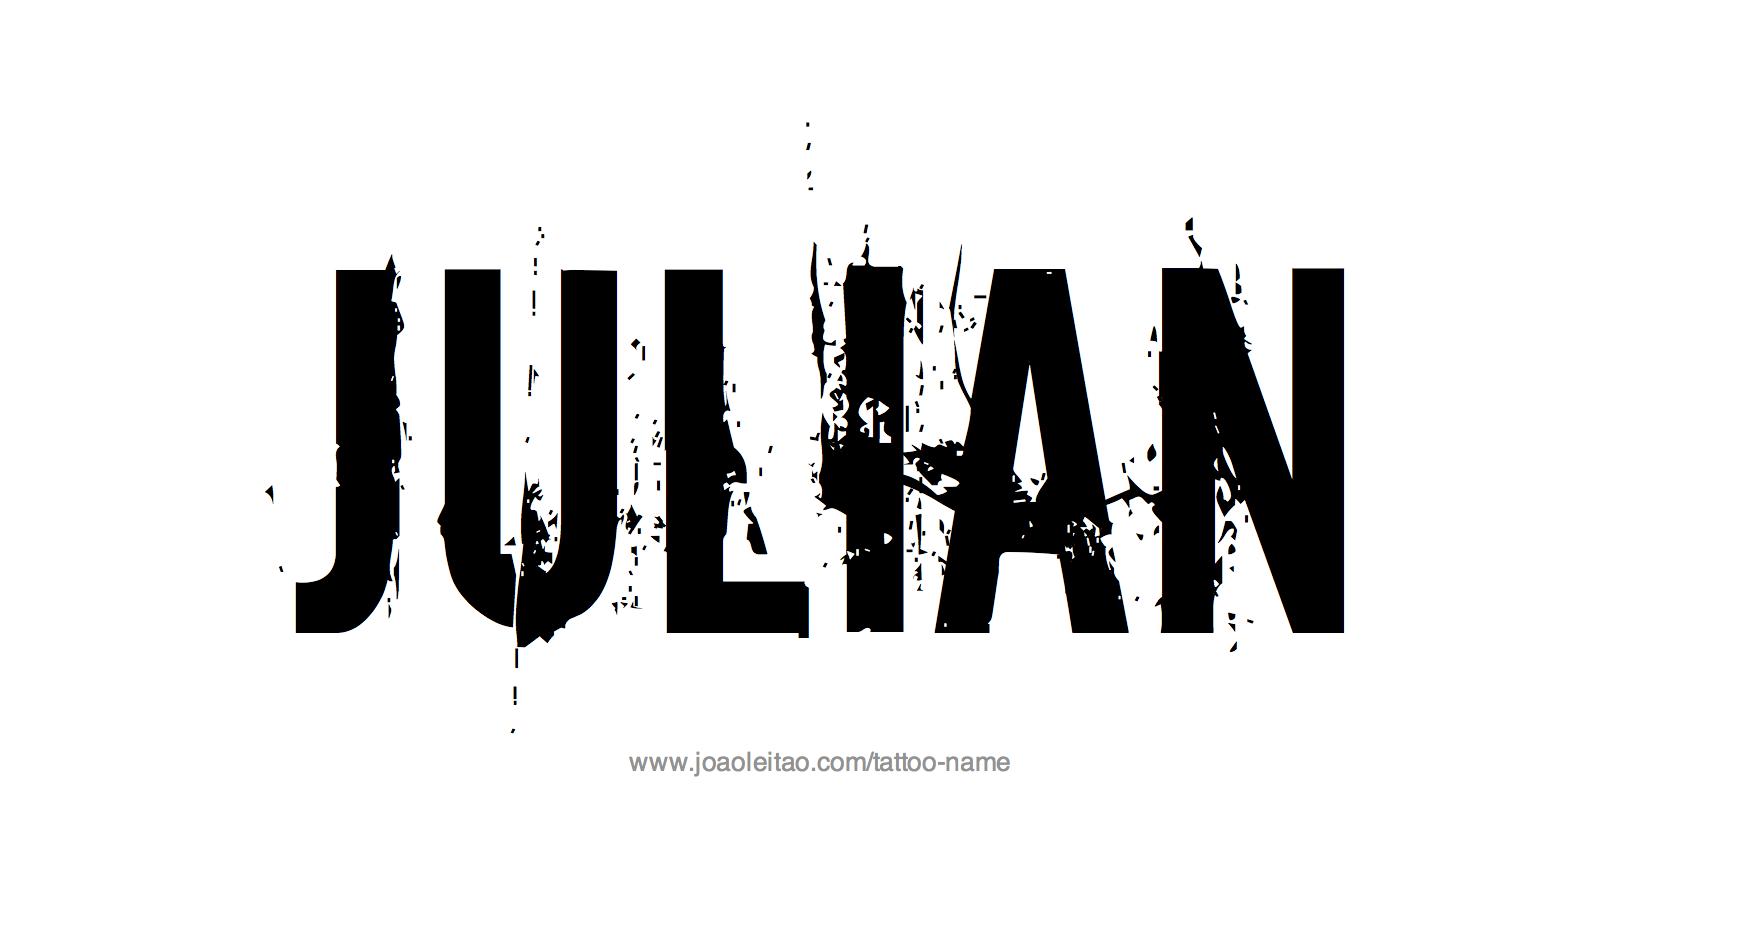 Julian Name Tattoo Designs | Name Tattoos, Name Wallpaper